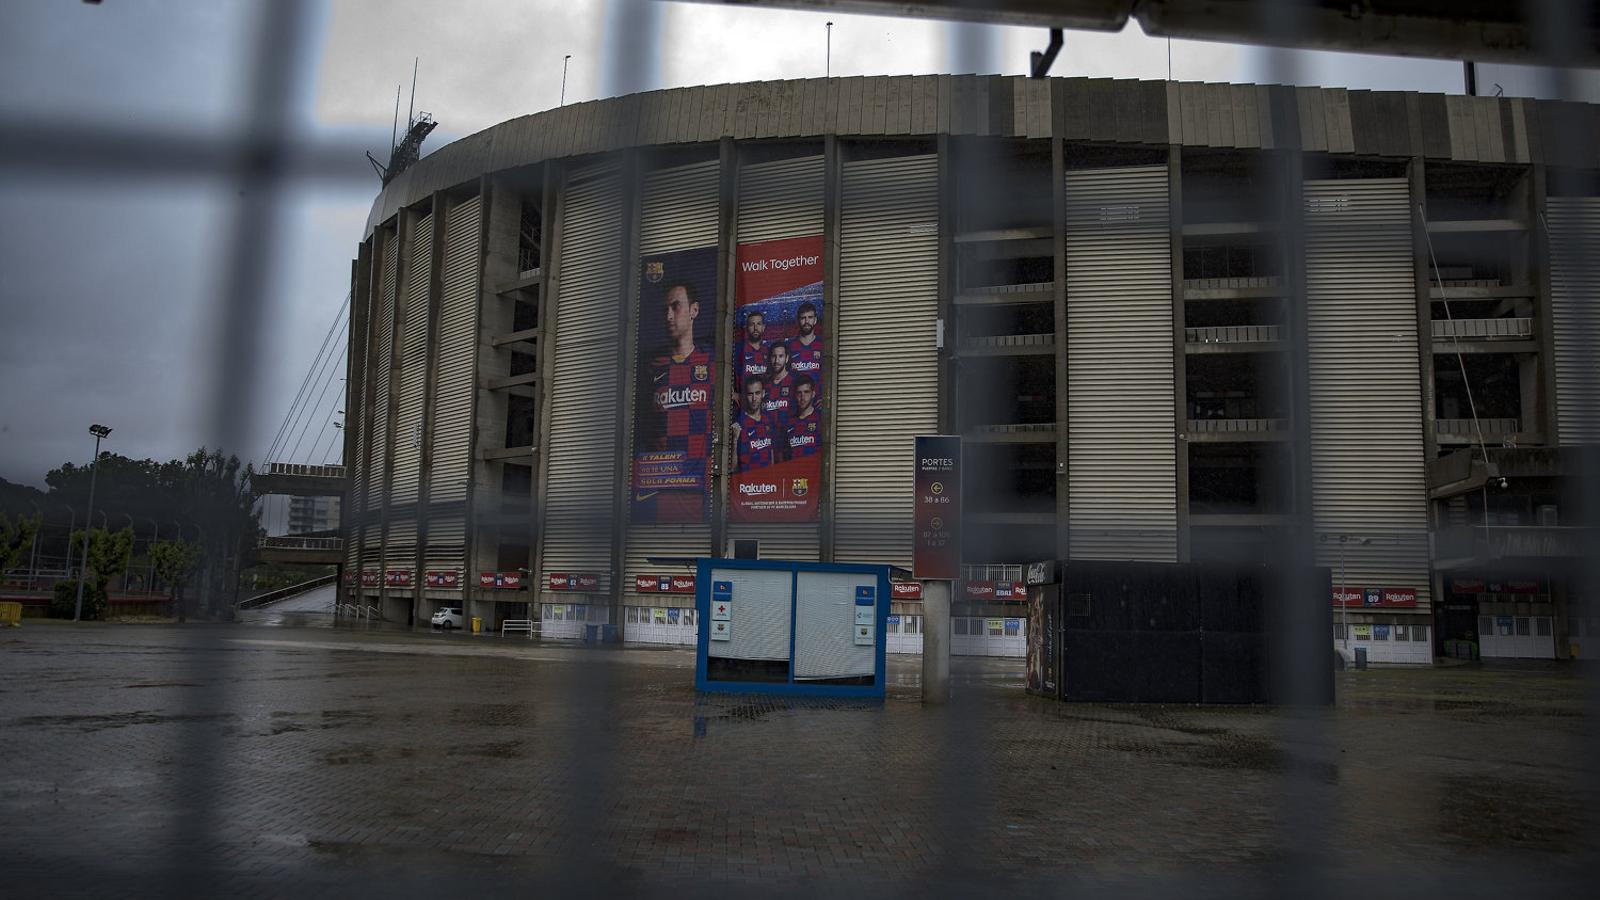 El camp del Barça tindrà per primer cop un cognom comercial.